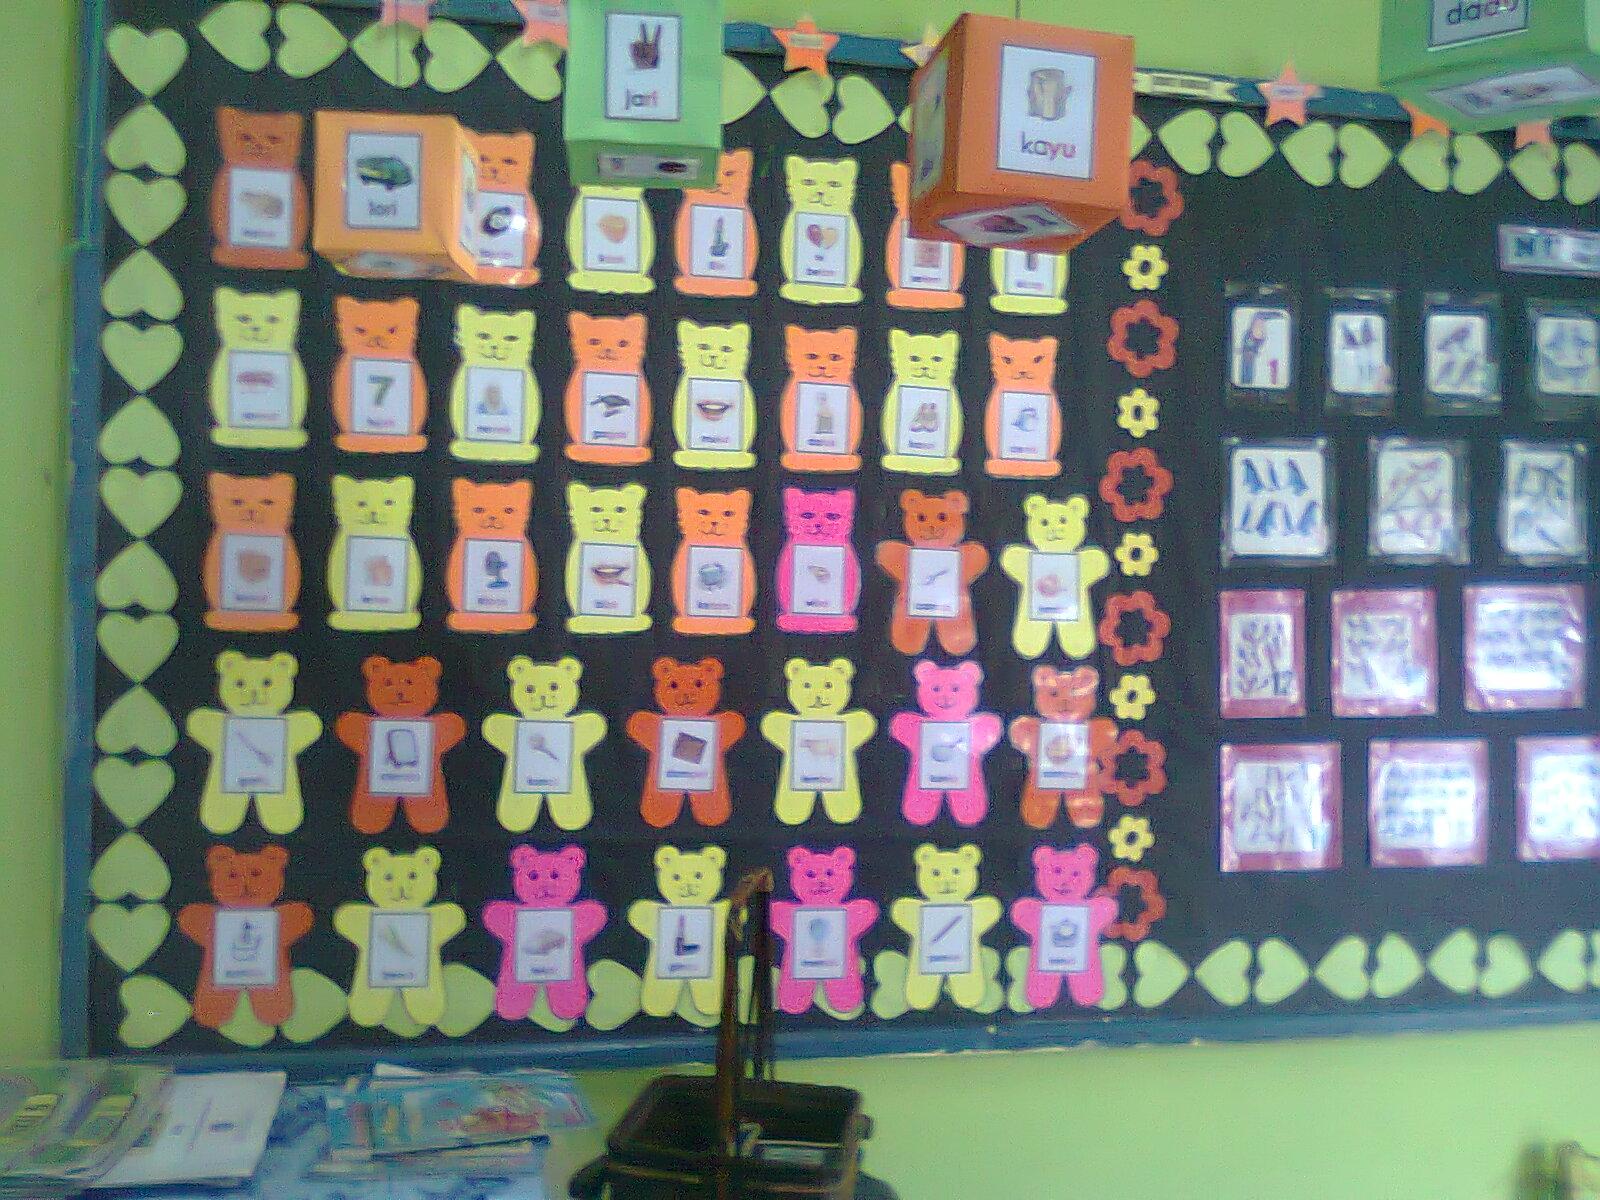 papan kenyataan dalam kelas